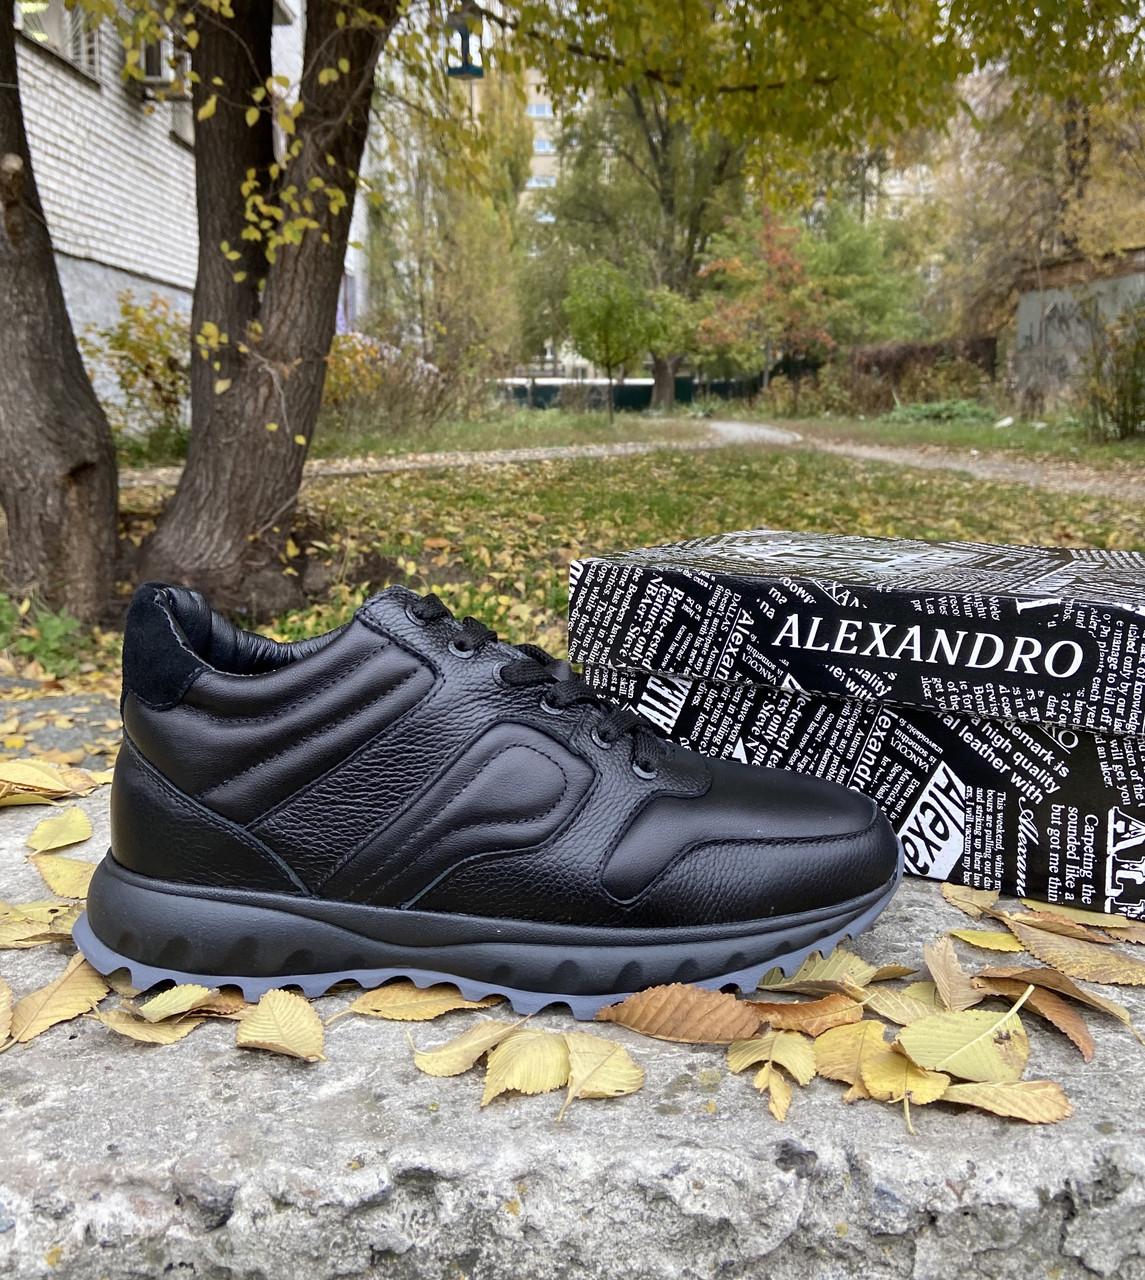 Мужские зимние кроссовки ALEXANDRO натуральная кожа 42